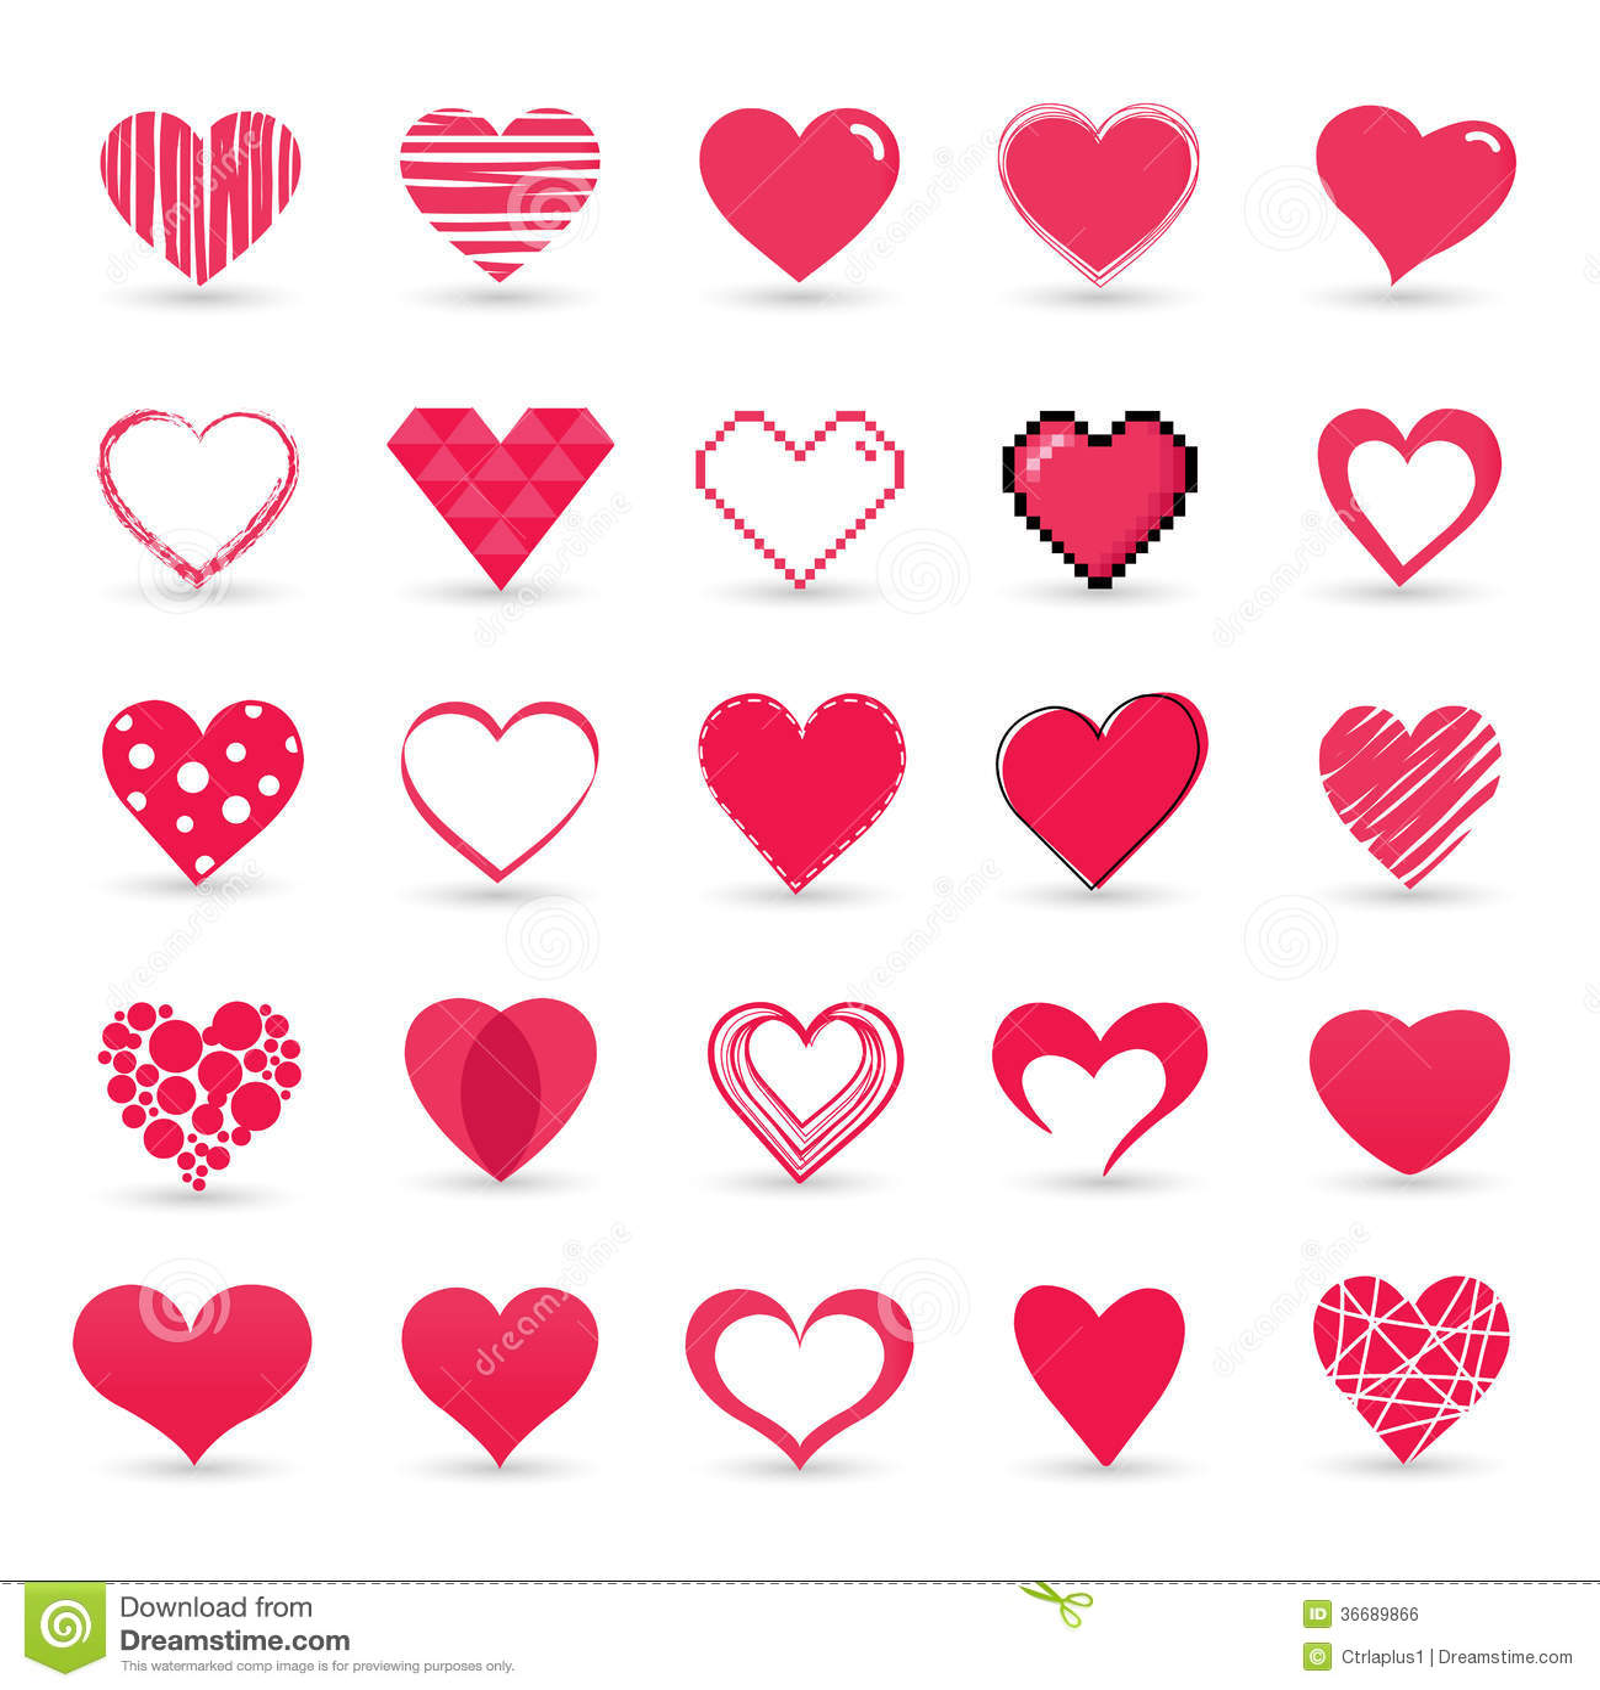 Heart valentine icon set